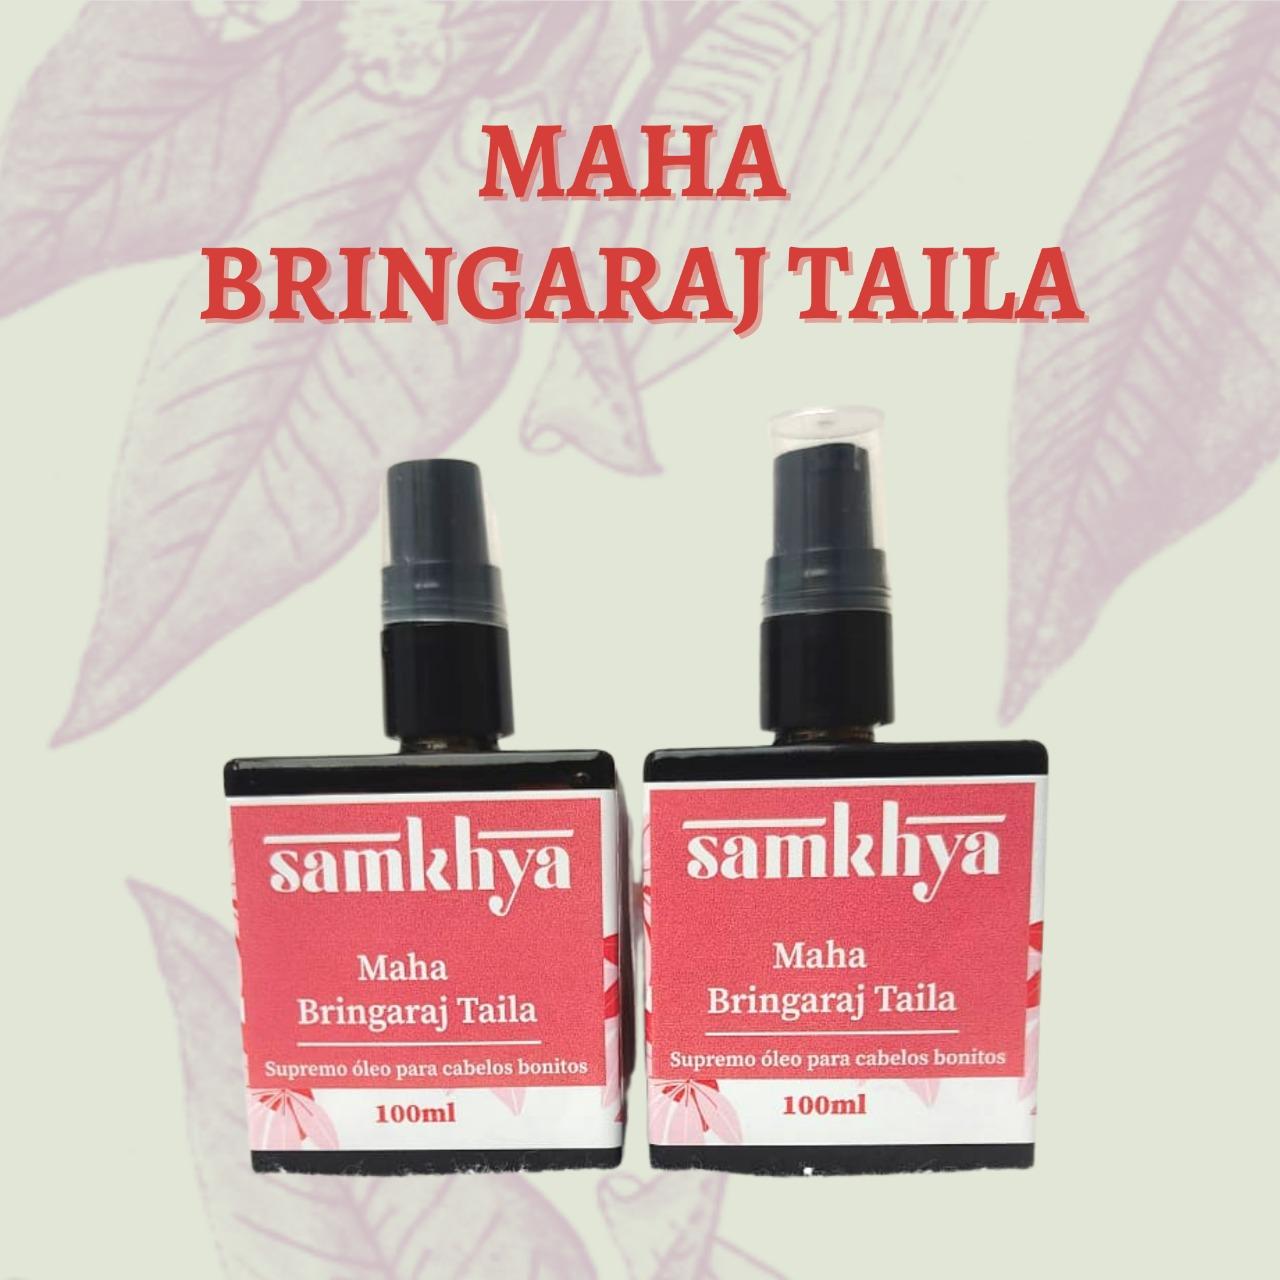 KIT com 2 Frascos - Maha Bhringaraj Taila - Supremo óleo para cabelos